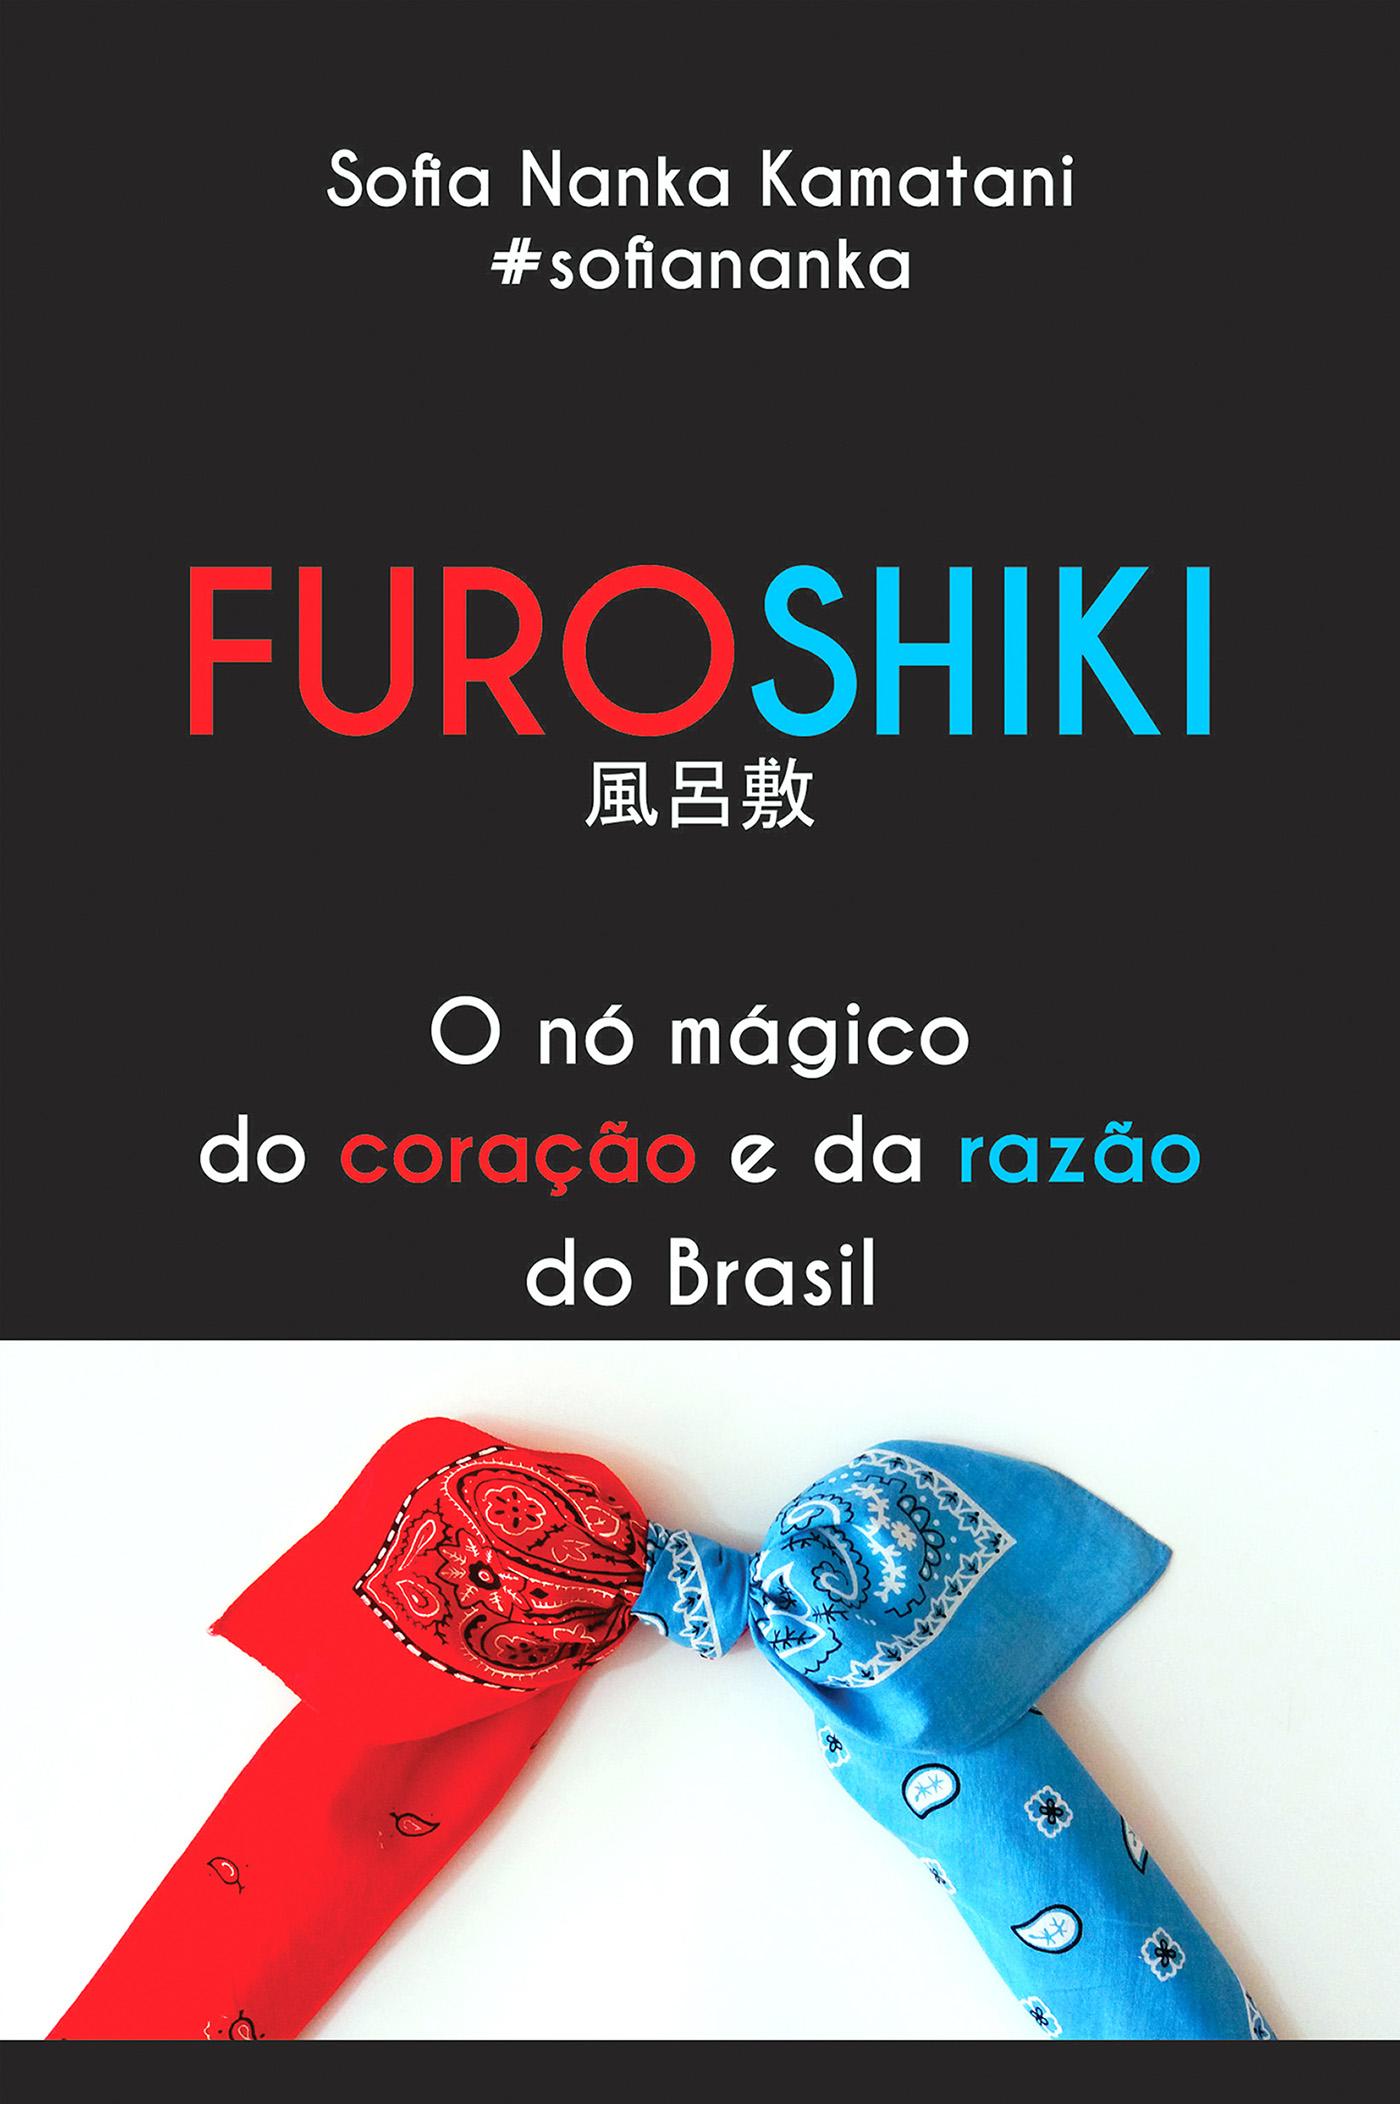 Furoshiki